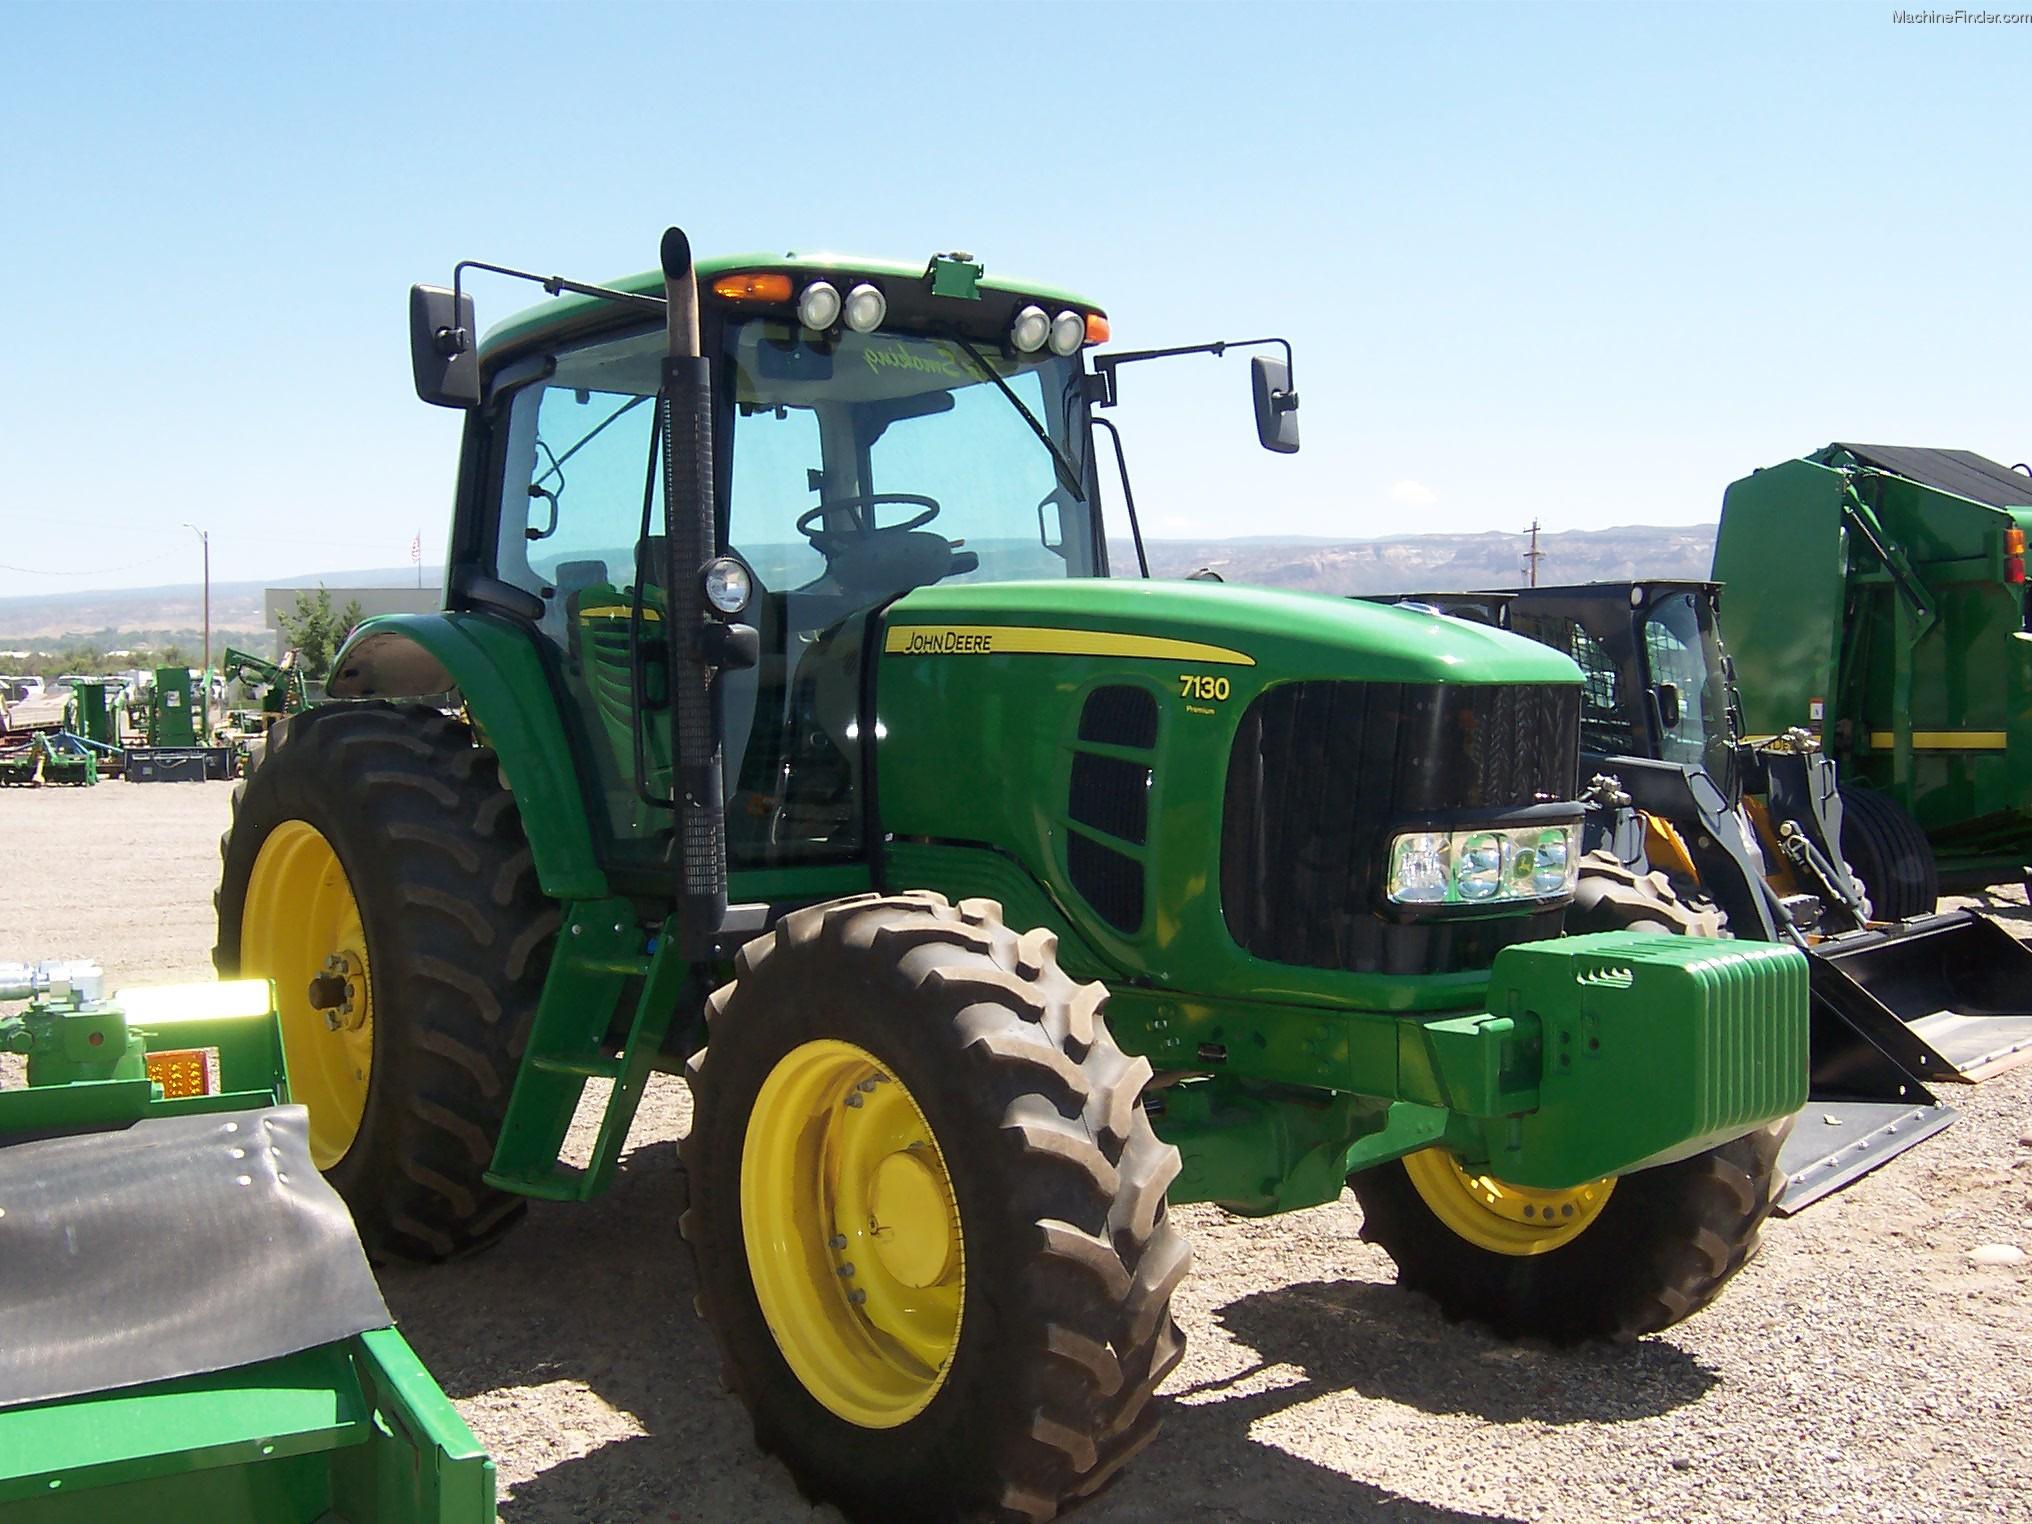 2011 John Deere 7130 Tractors - Row Crop (+100hp) - John ...